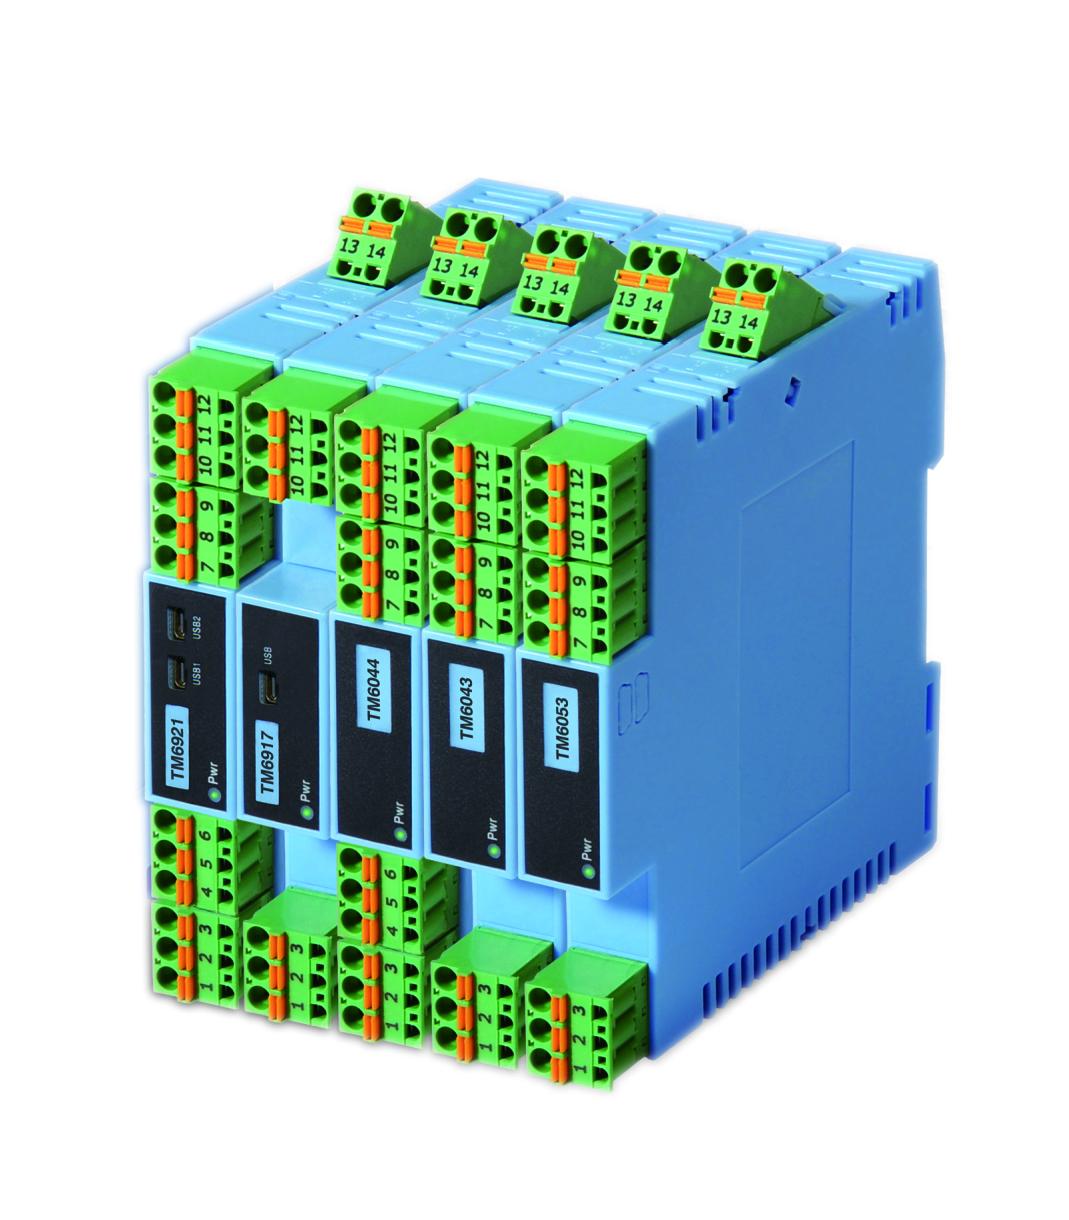 回路供電 · 二線制或三線制熱電阻信號輸